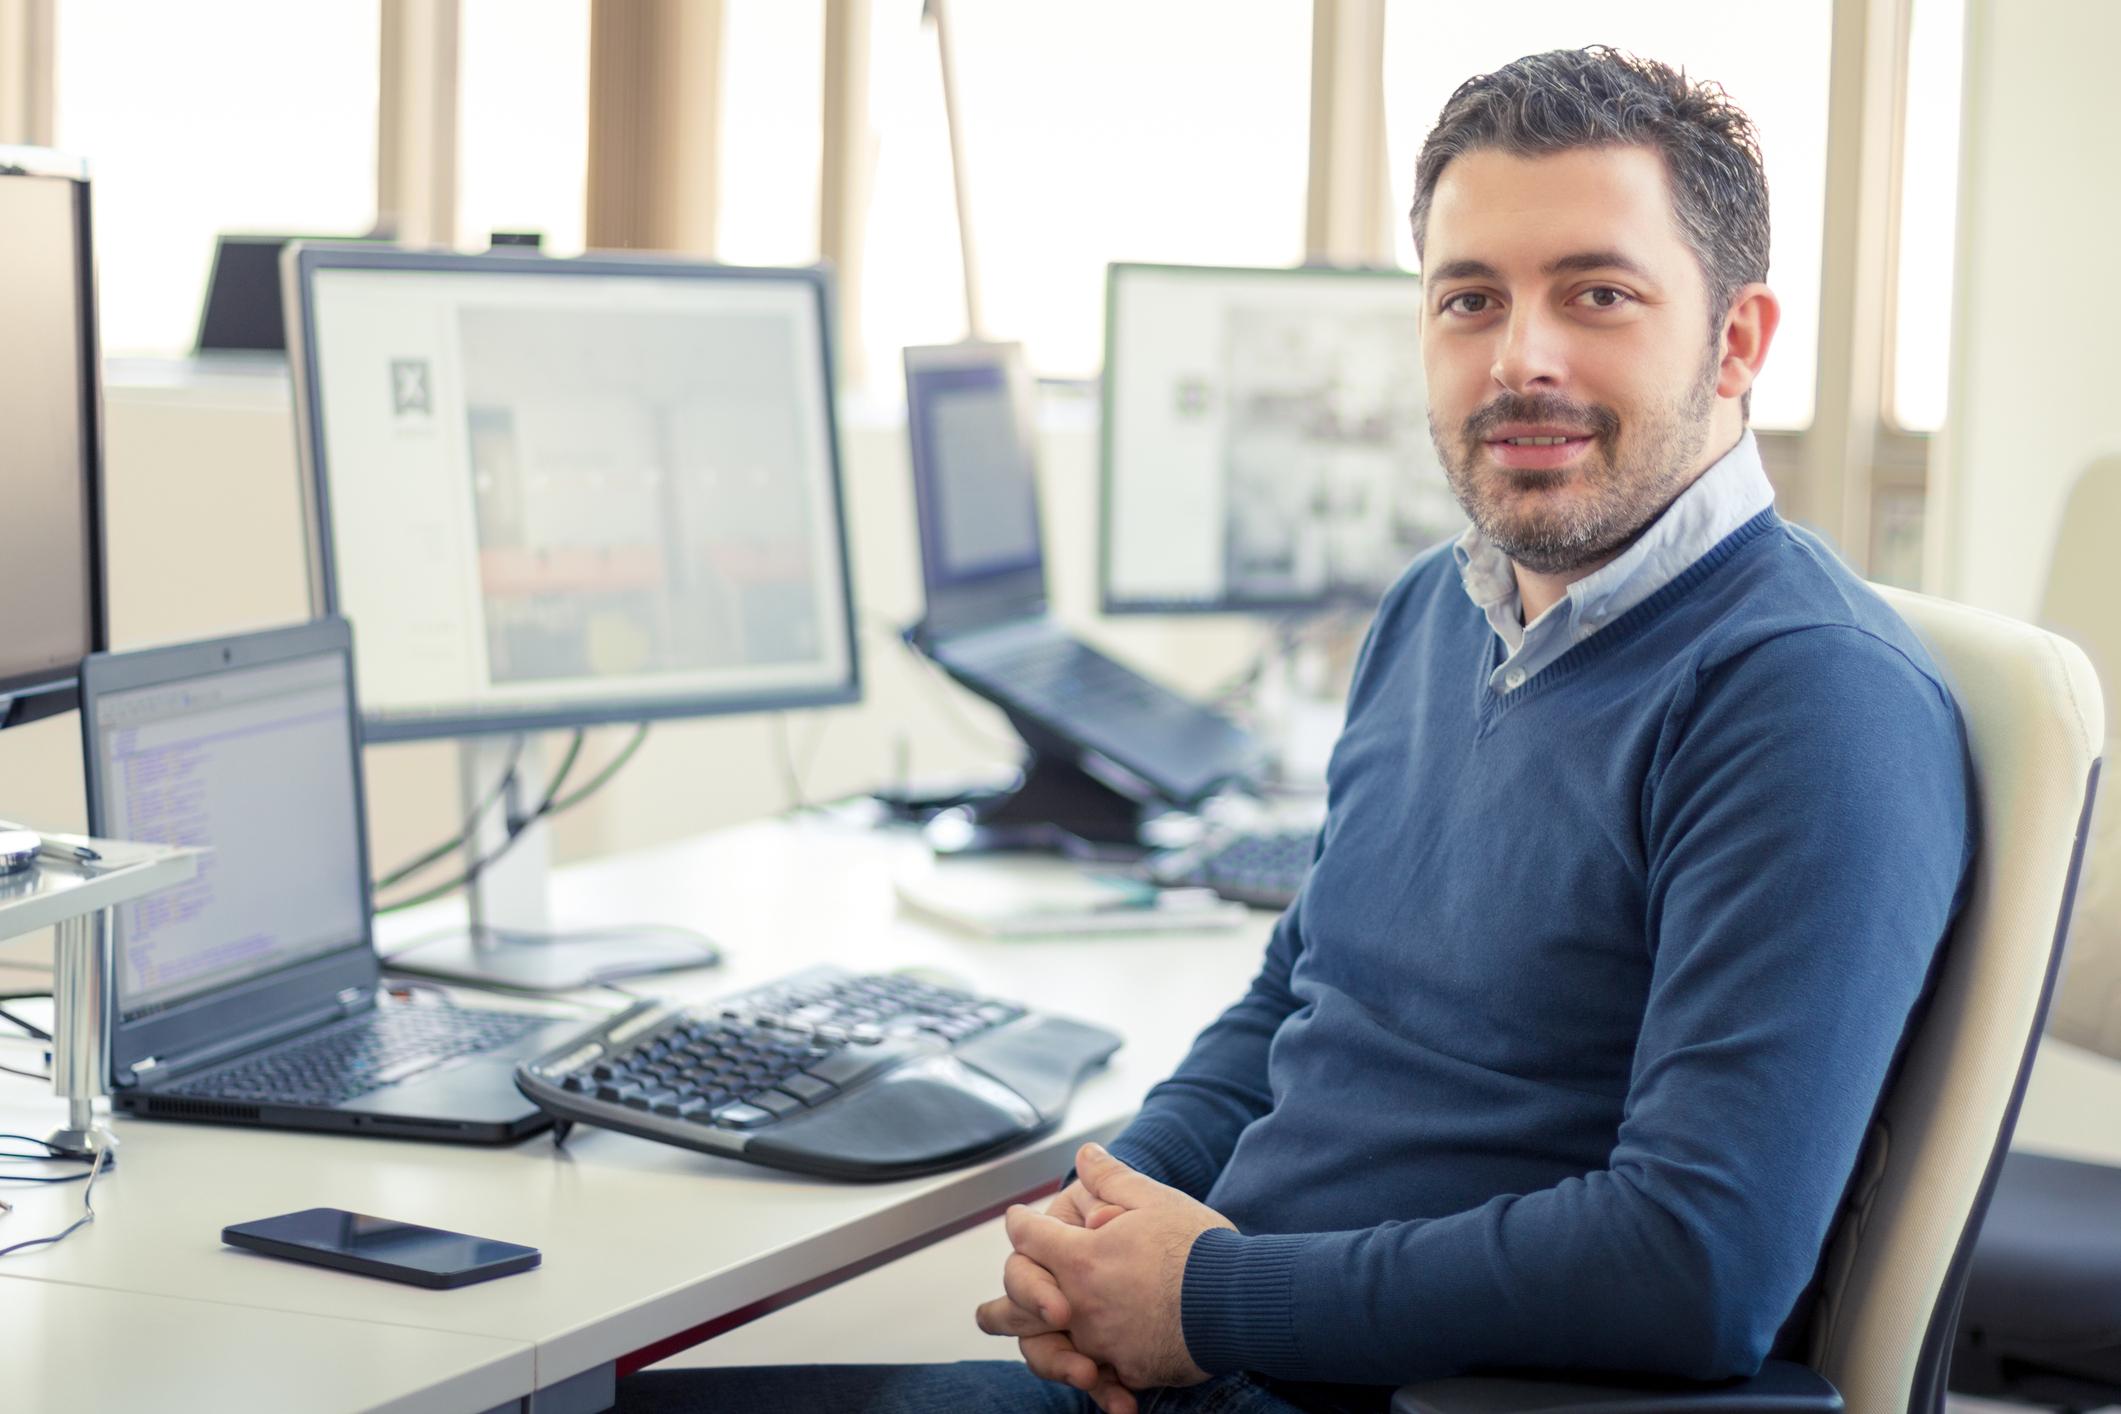 Smiling man at office desk